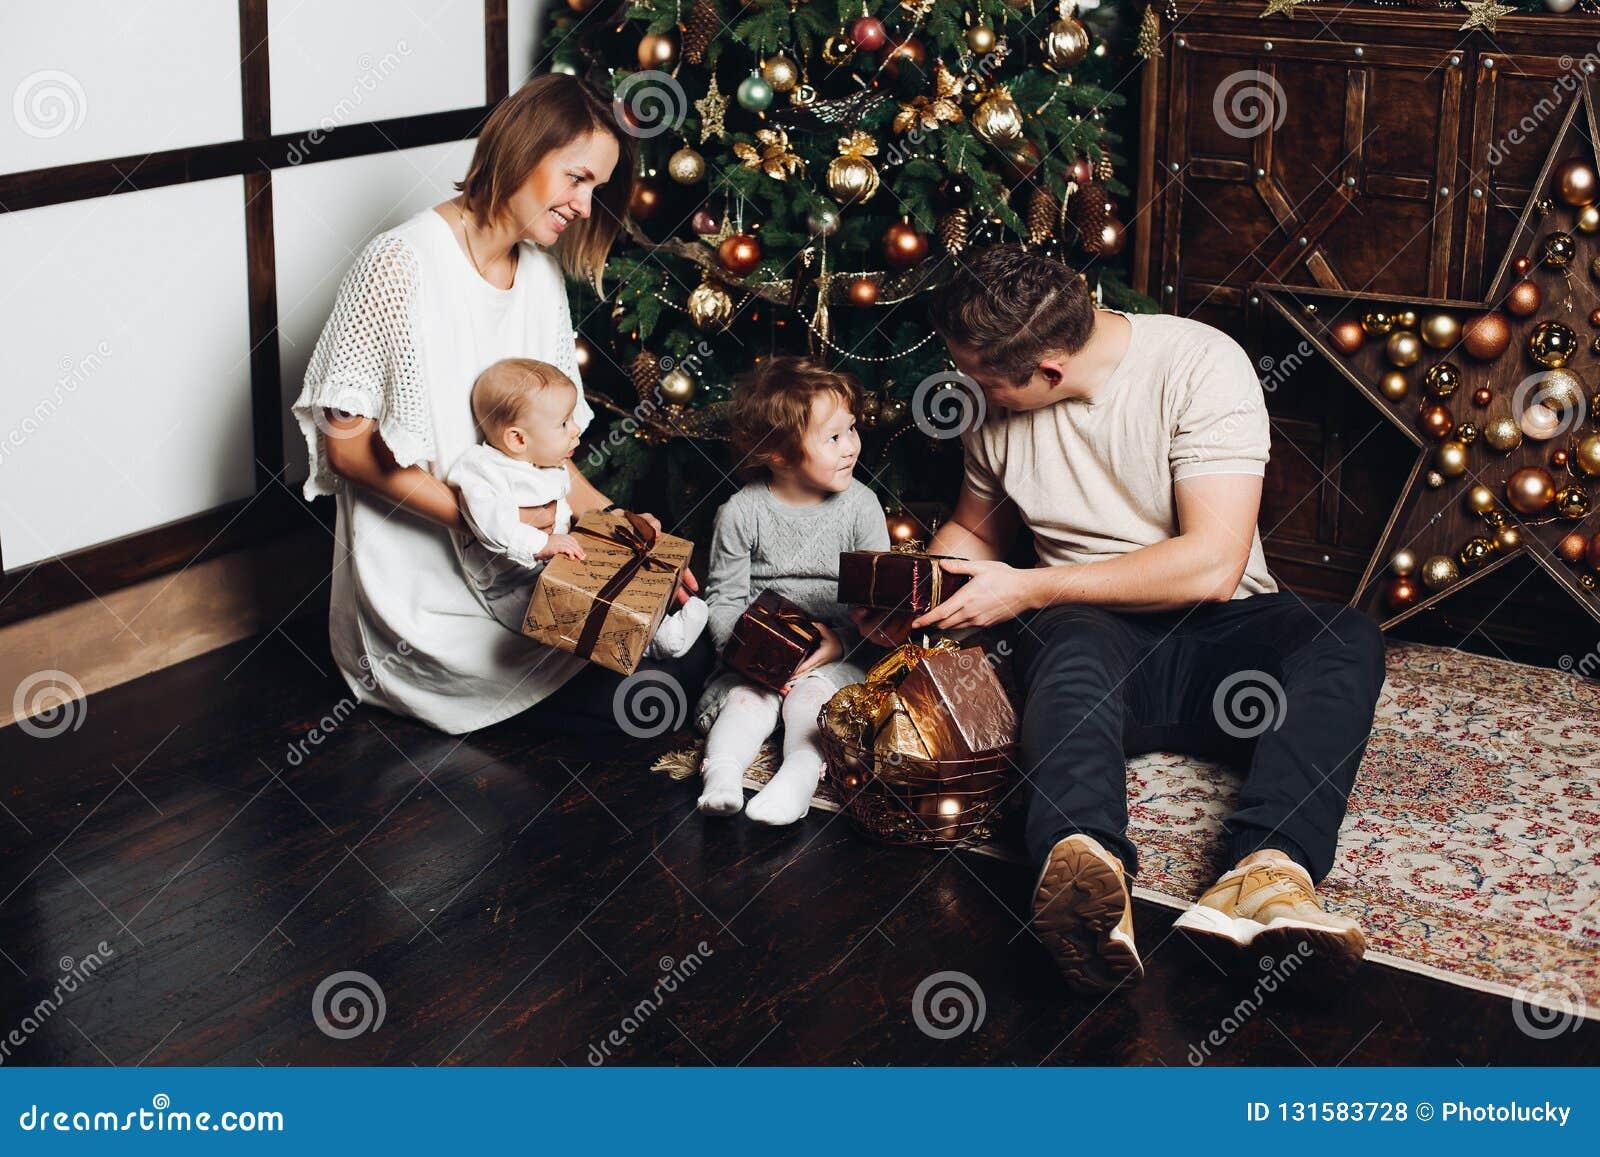 Glückliche Familie mit Weihnachtsgeschenken an verziertem Tannenbaum